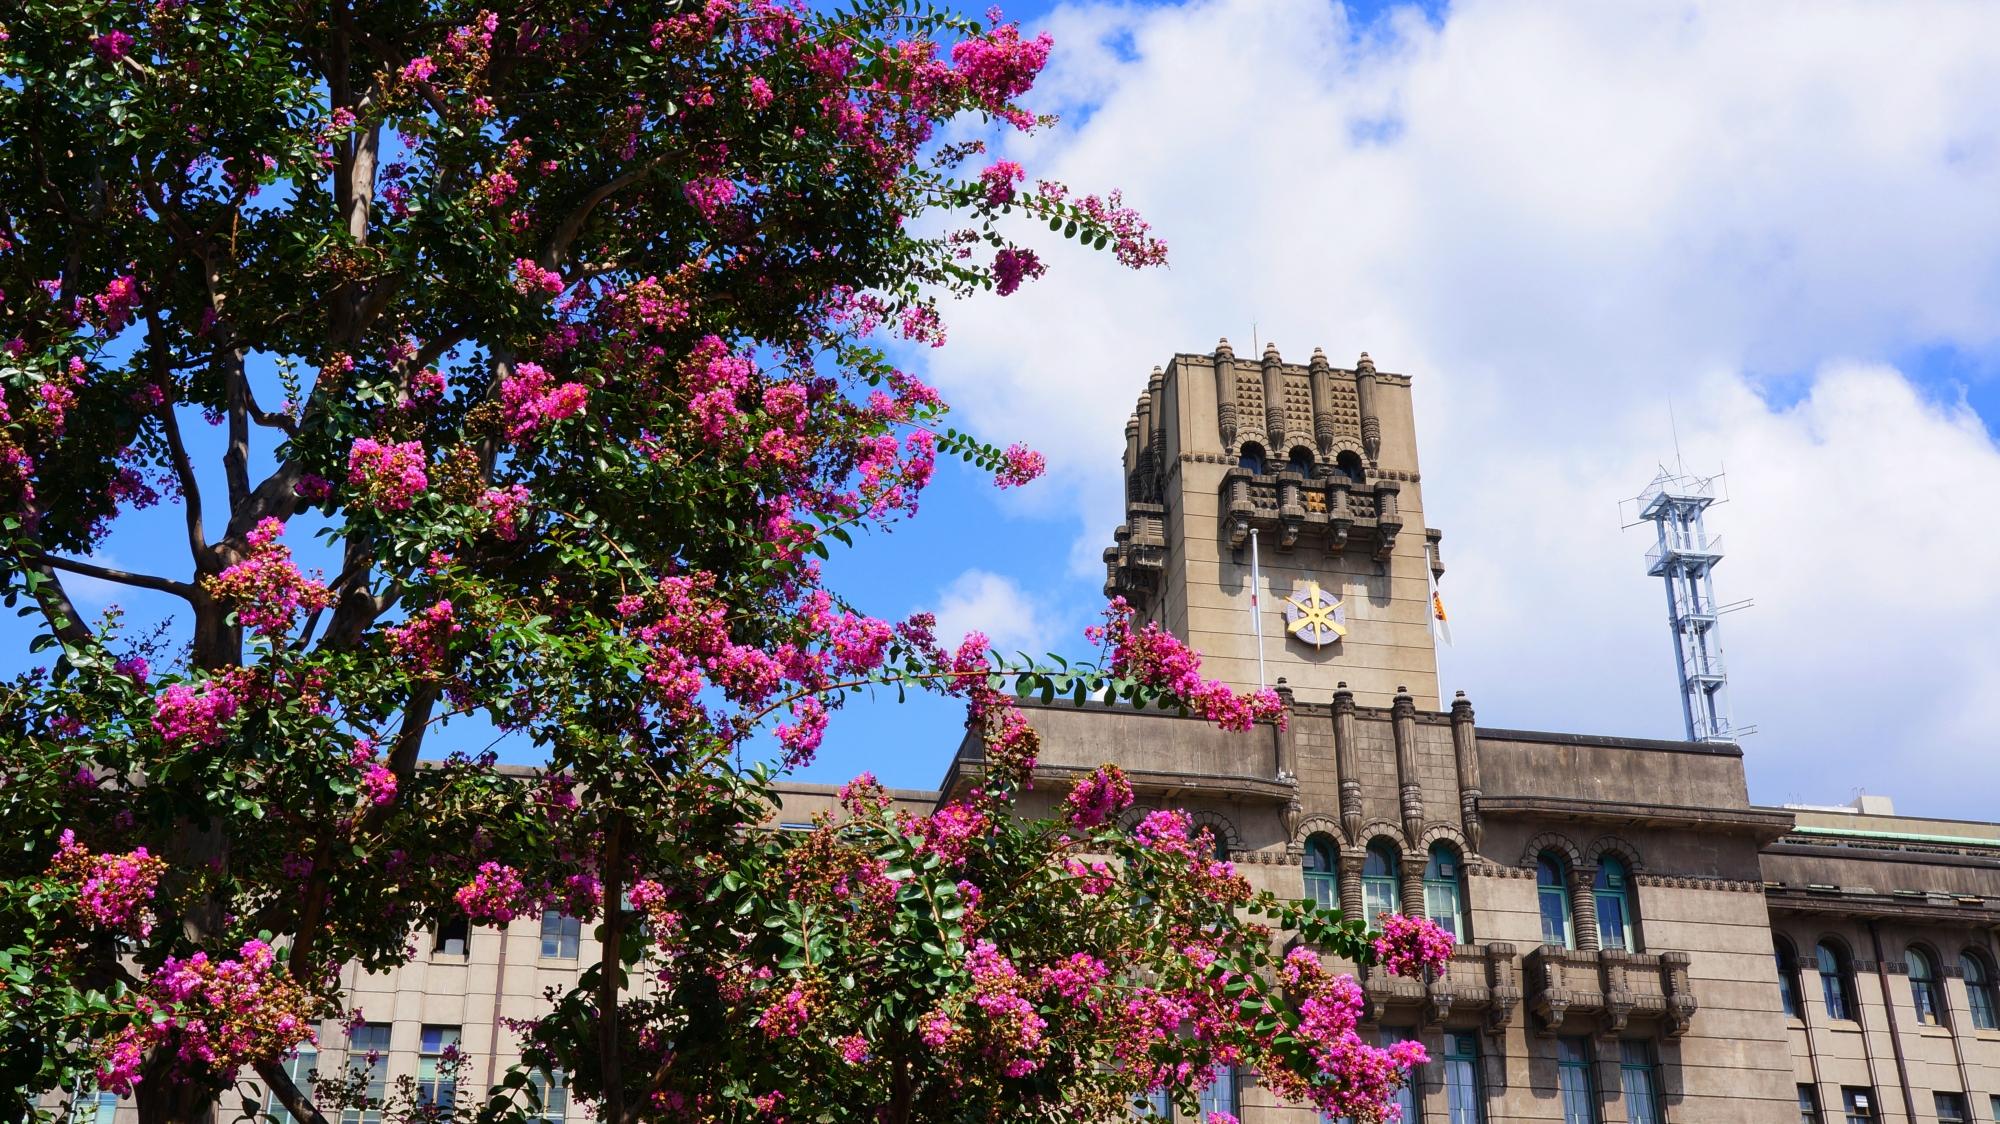 レトロな建物である京都市役所を華やぐ夏の鮮やかなサルスベリの花